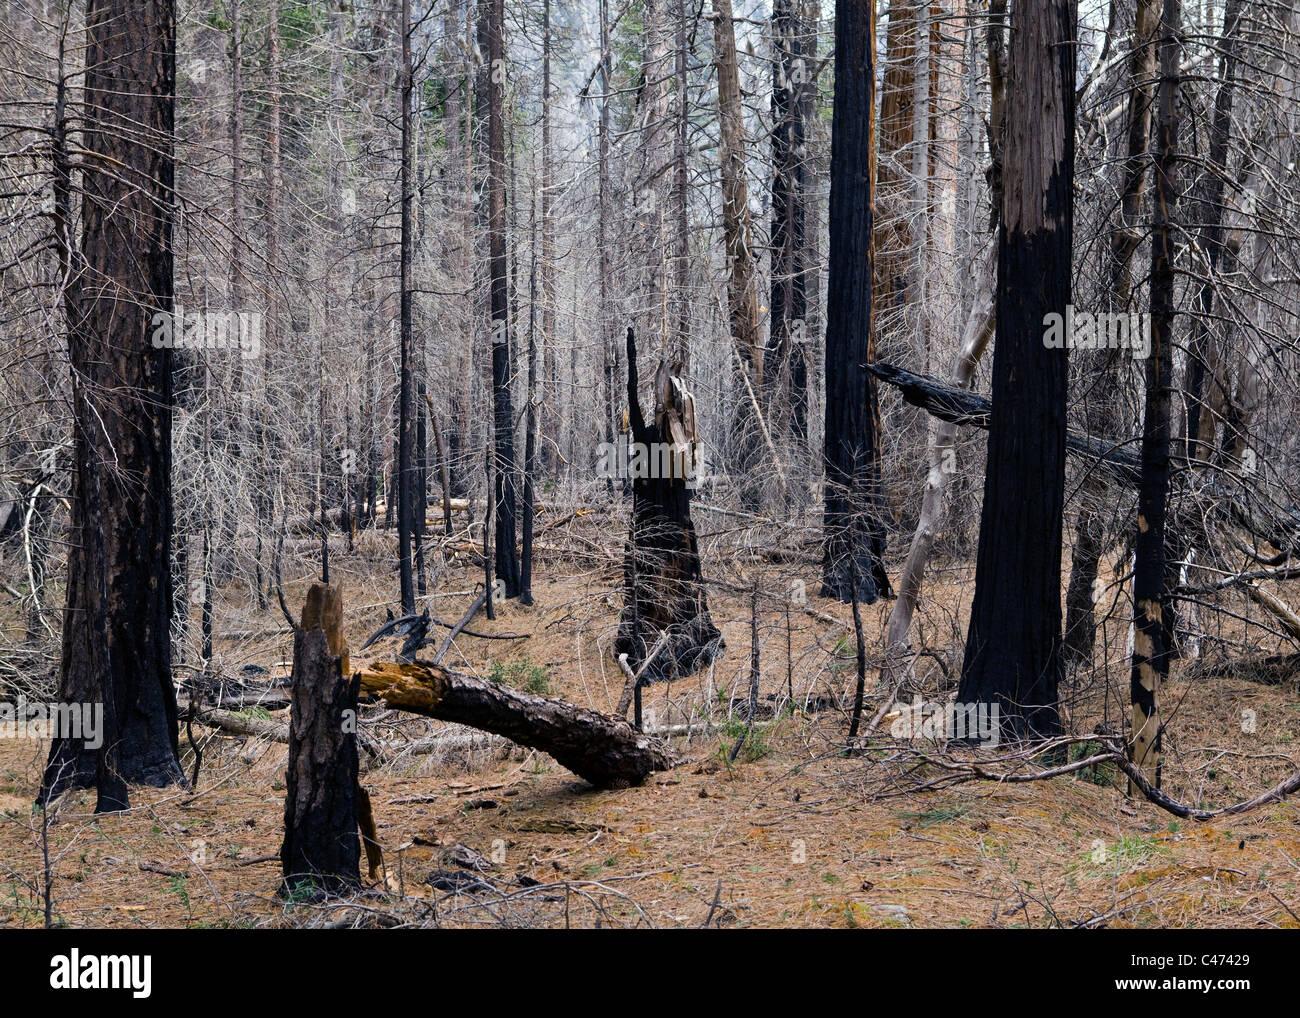 Verbrannten Wald der nordamerikanischen Kiefern - Bergen der Sierra Nevada, Kalifornien USA Stockbild